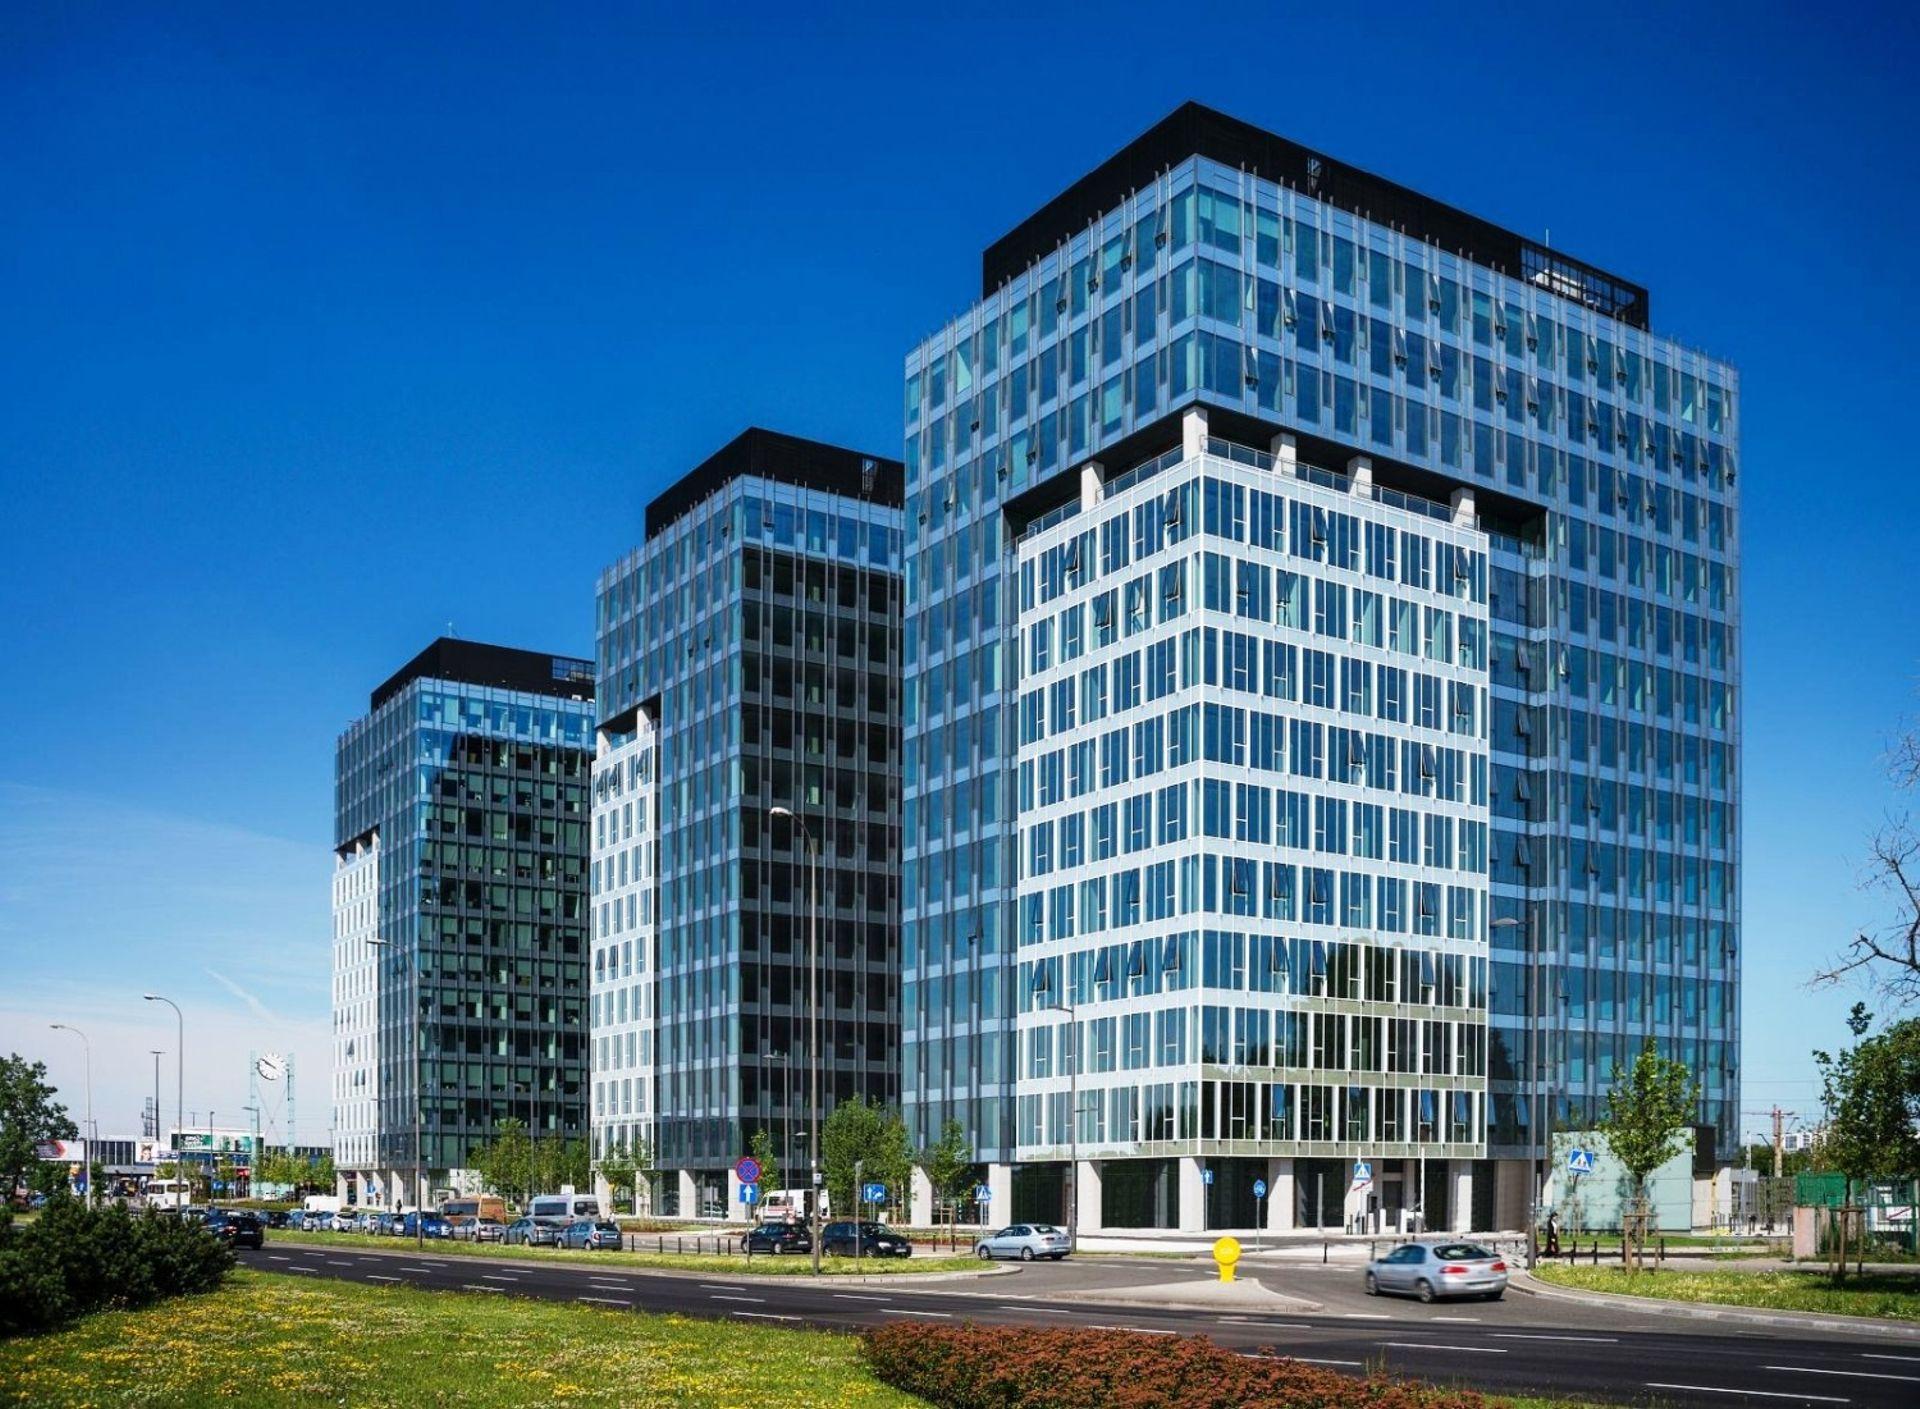 [Warszawa] Towarzystwa ubezpieczeniowe wynajmują biura w West Station II w Warszawie